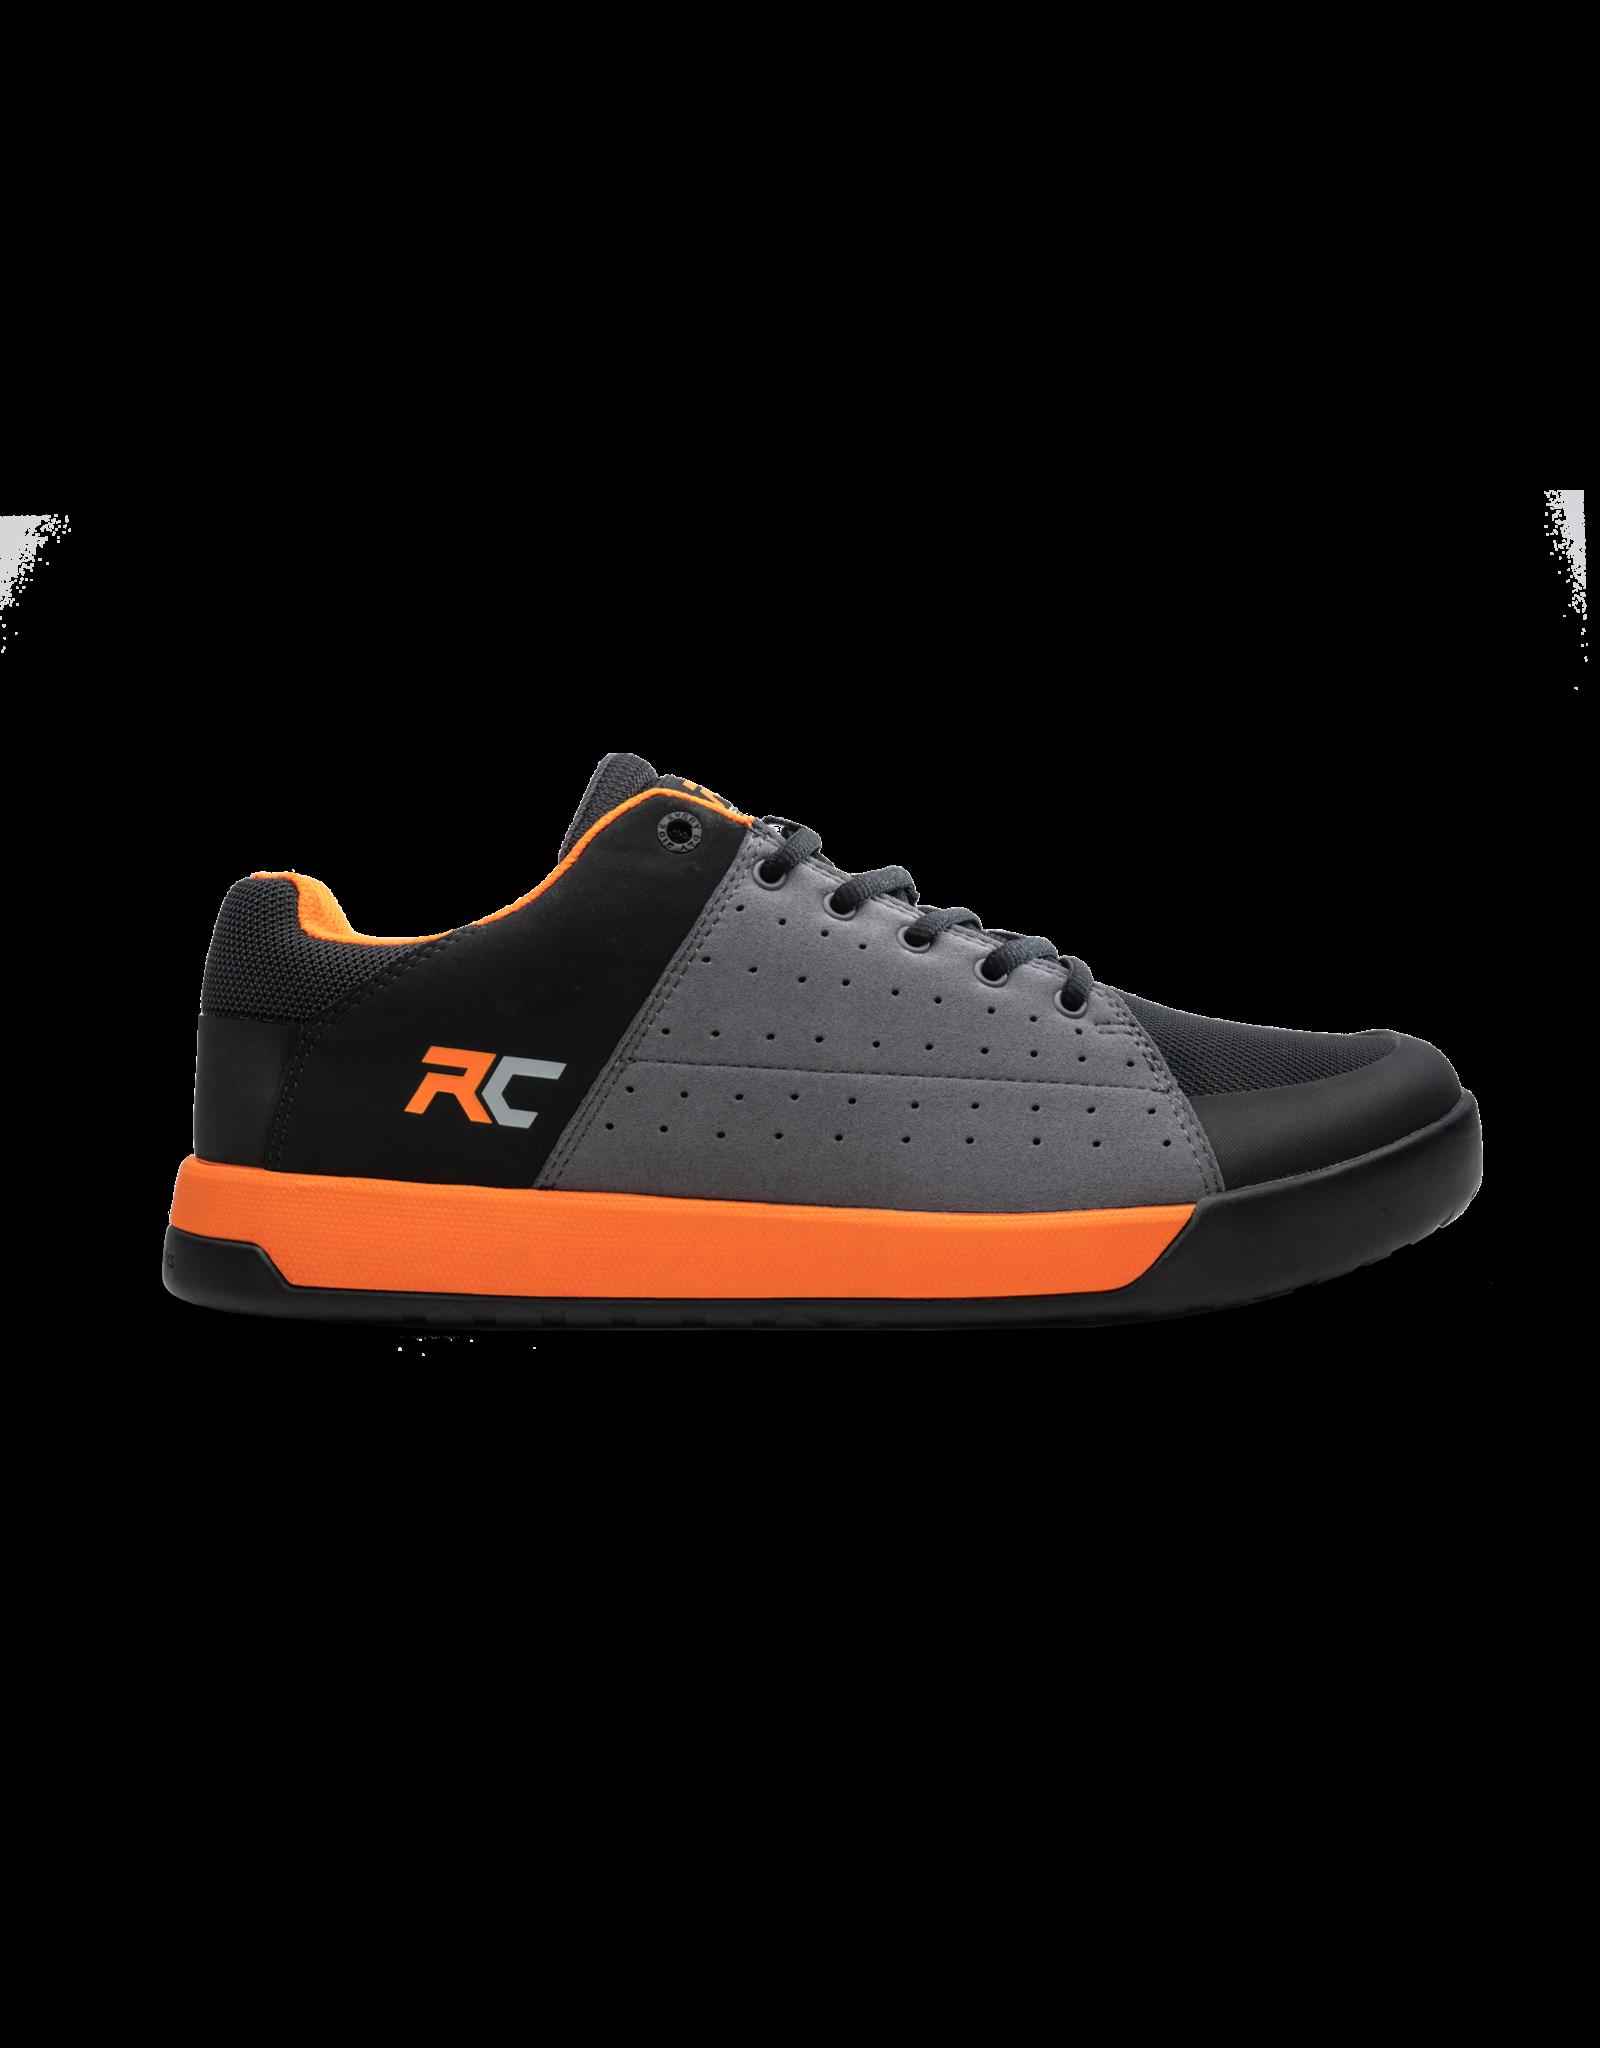 Ride Concept Ride Concept Livewire 41.5 / 8.5 - Char/orange